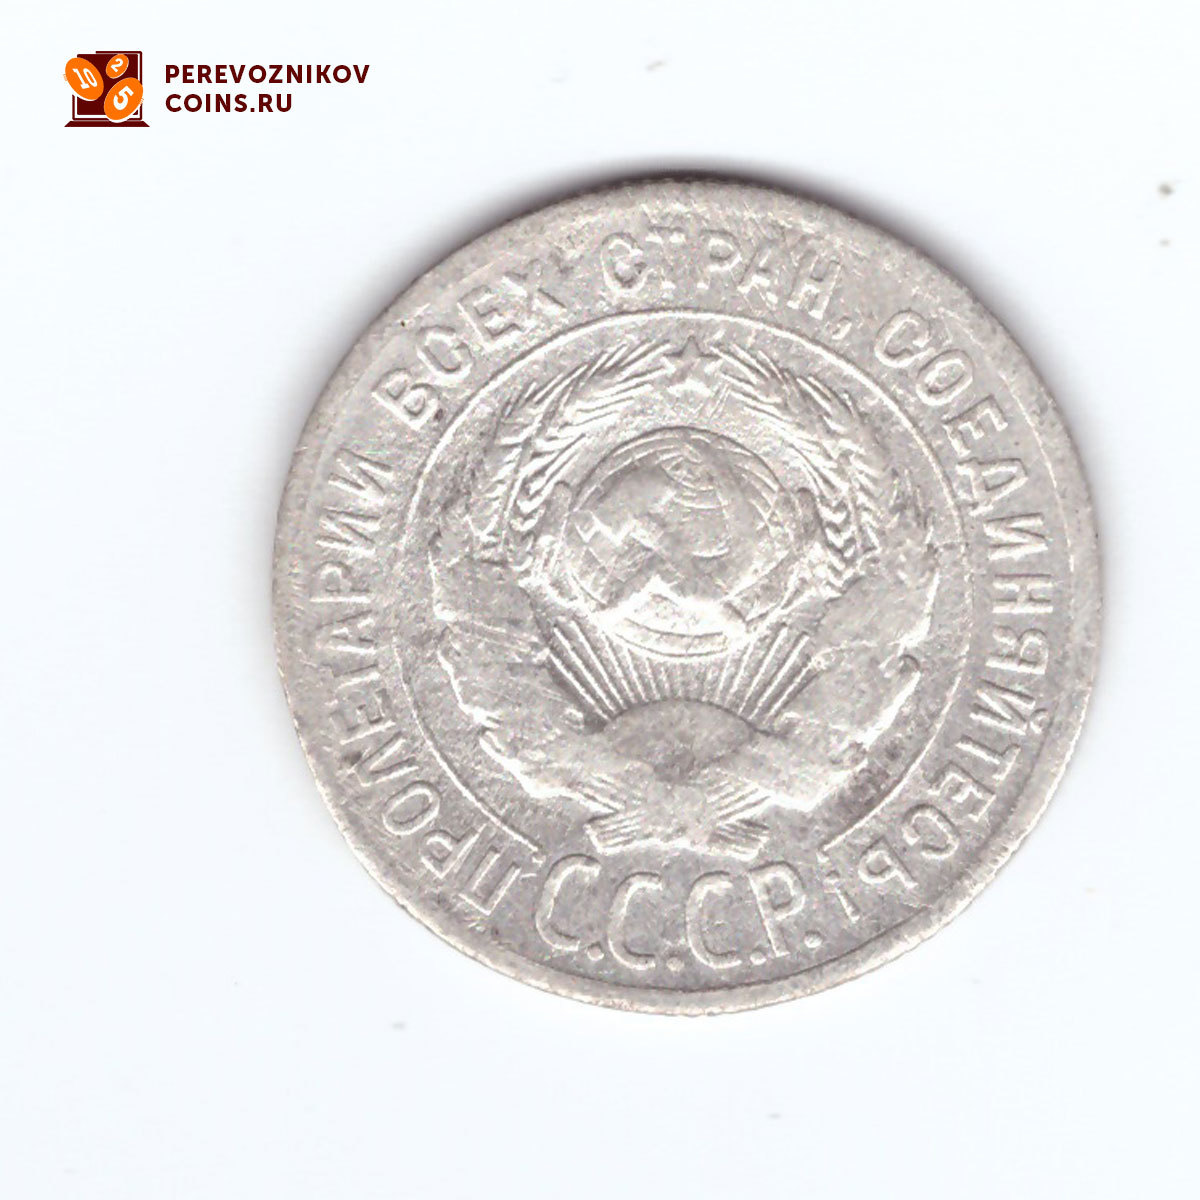 20 копеек 1925 года. VF-